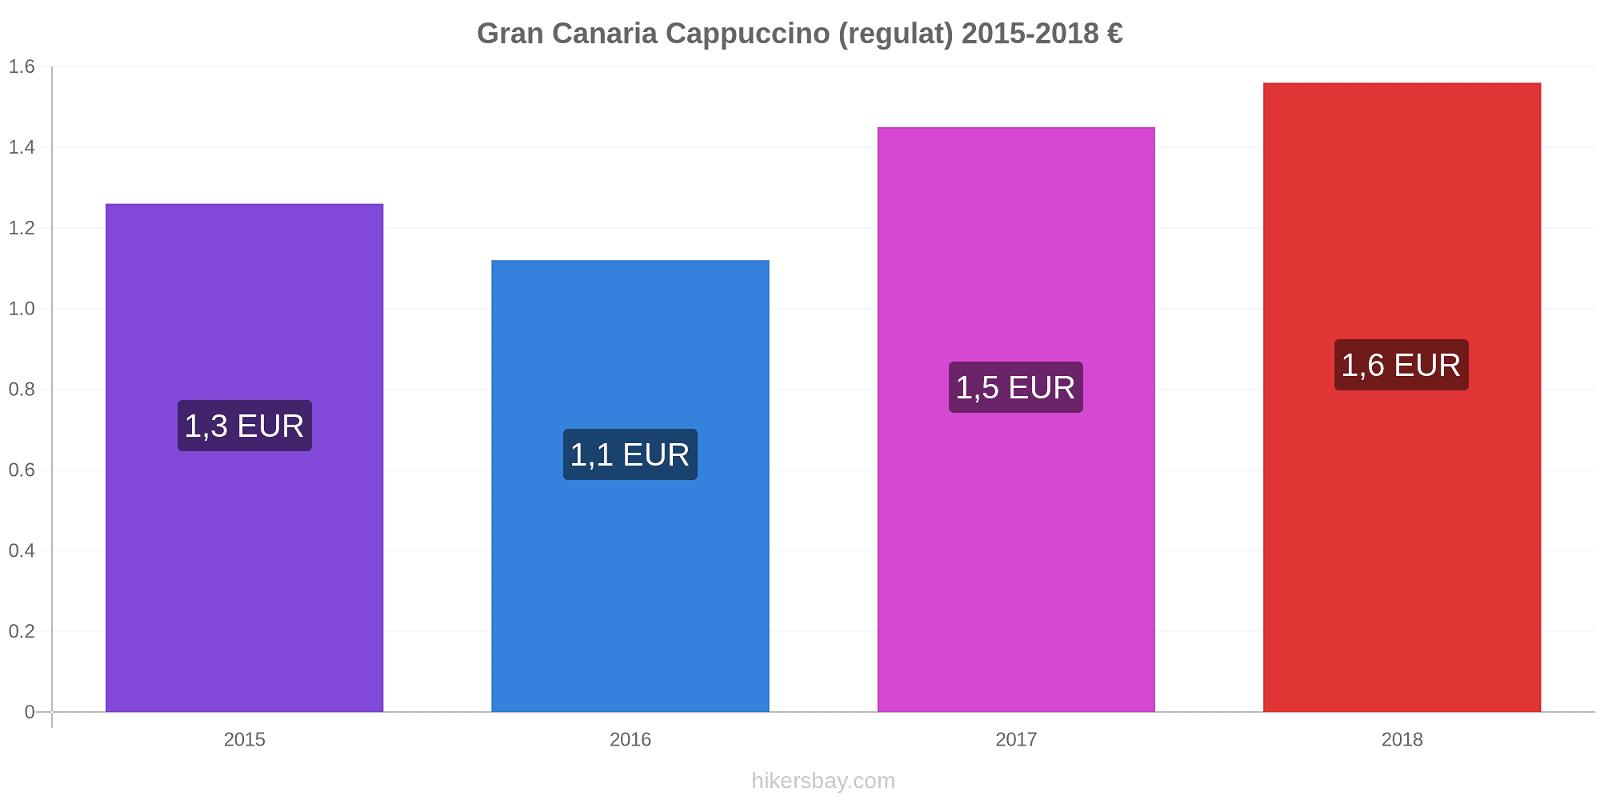 Gran Canaria modificări de preț Cappuccino (regulat) hikersbay.com